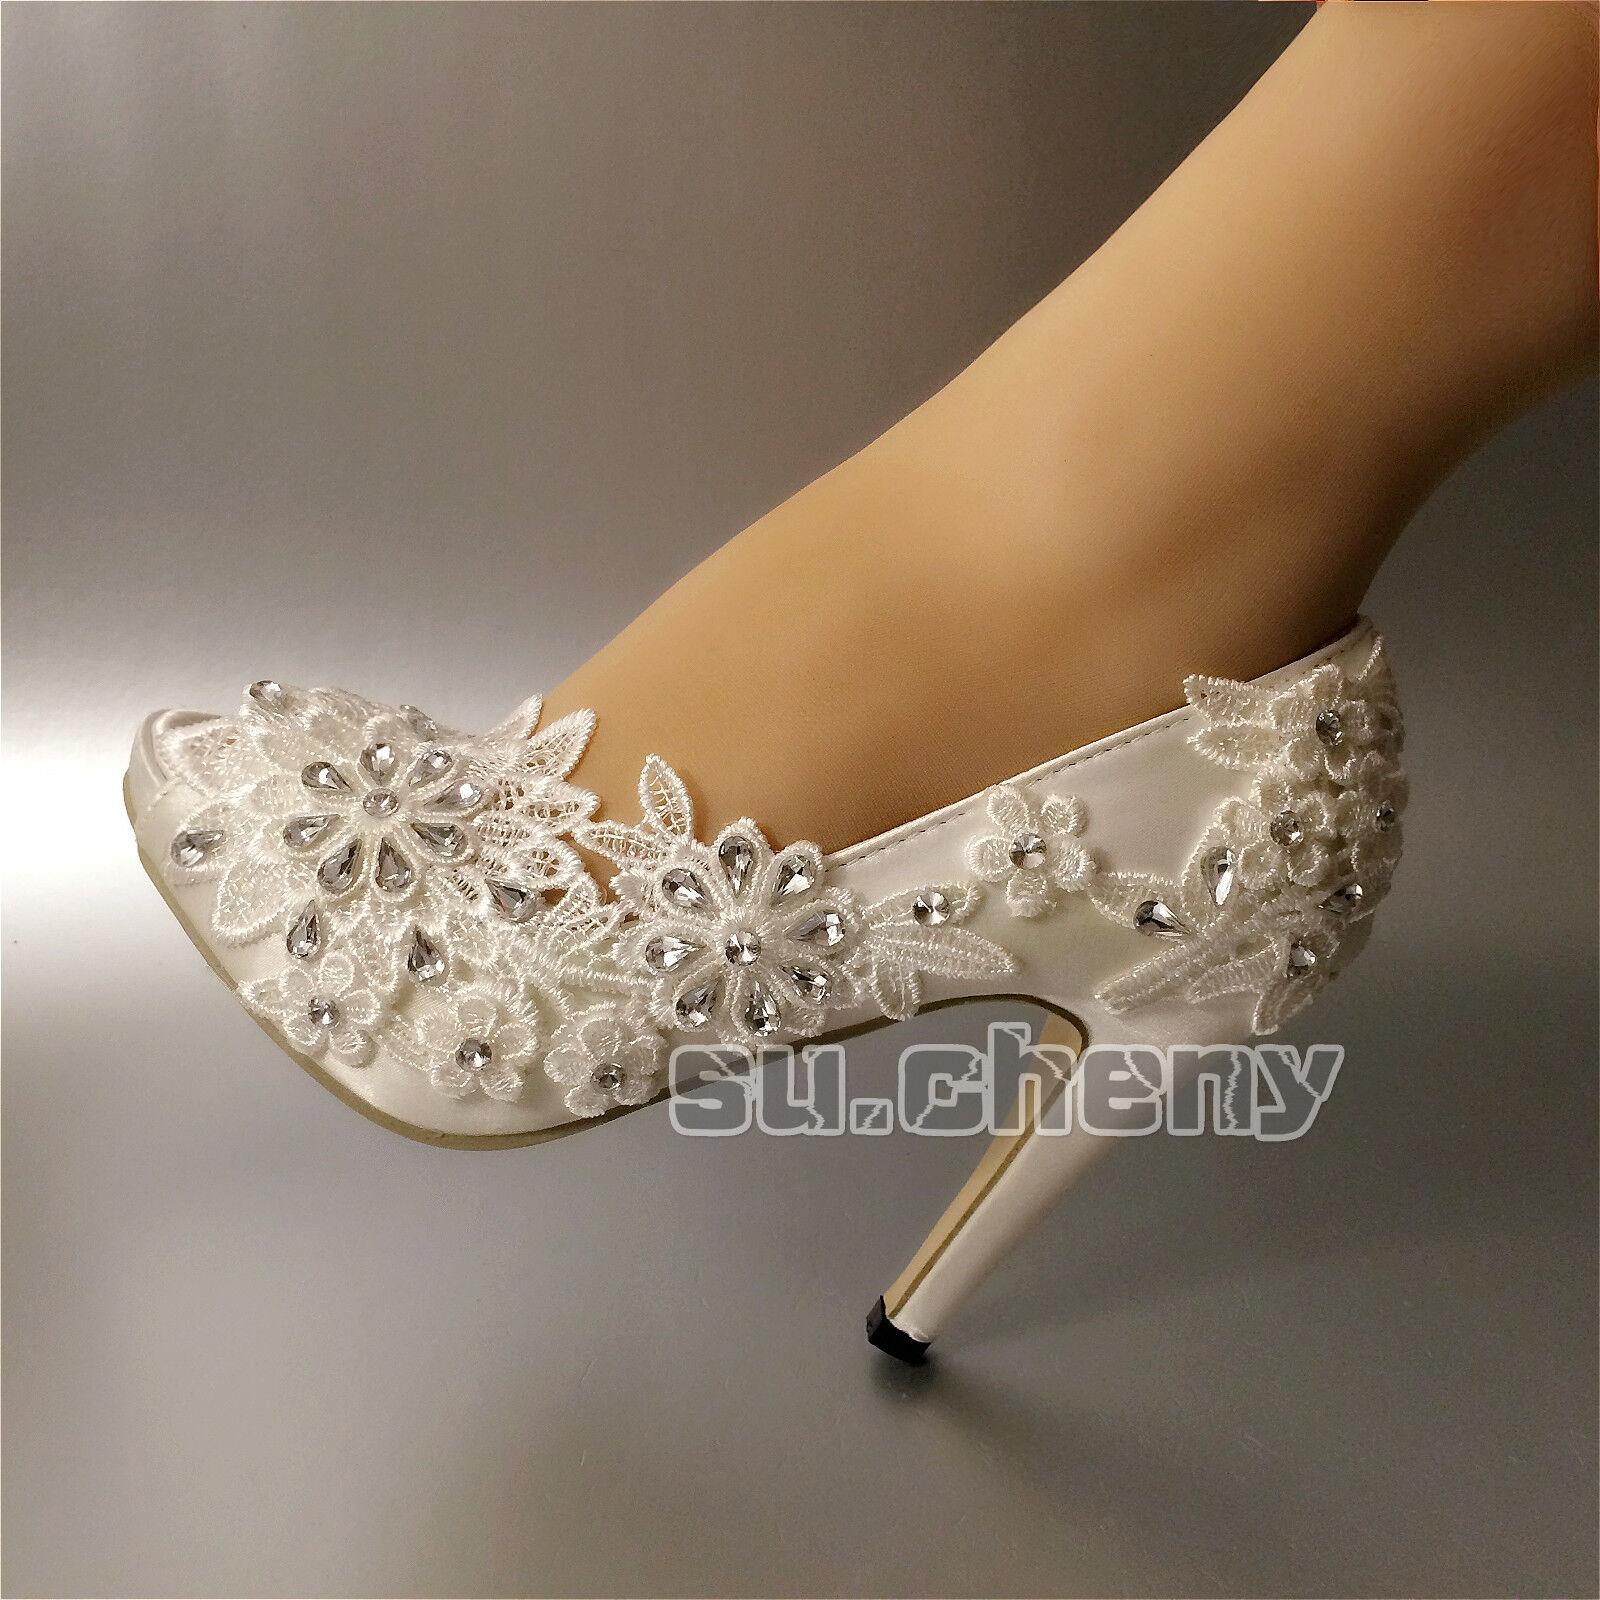 RHINESTONES satin white ivory lace open toe Wedding Scarpe bridal heel size 5-11